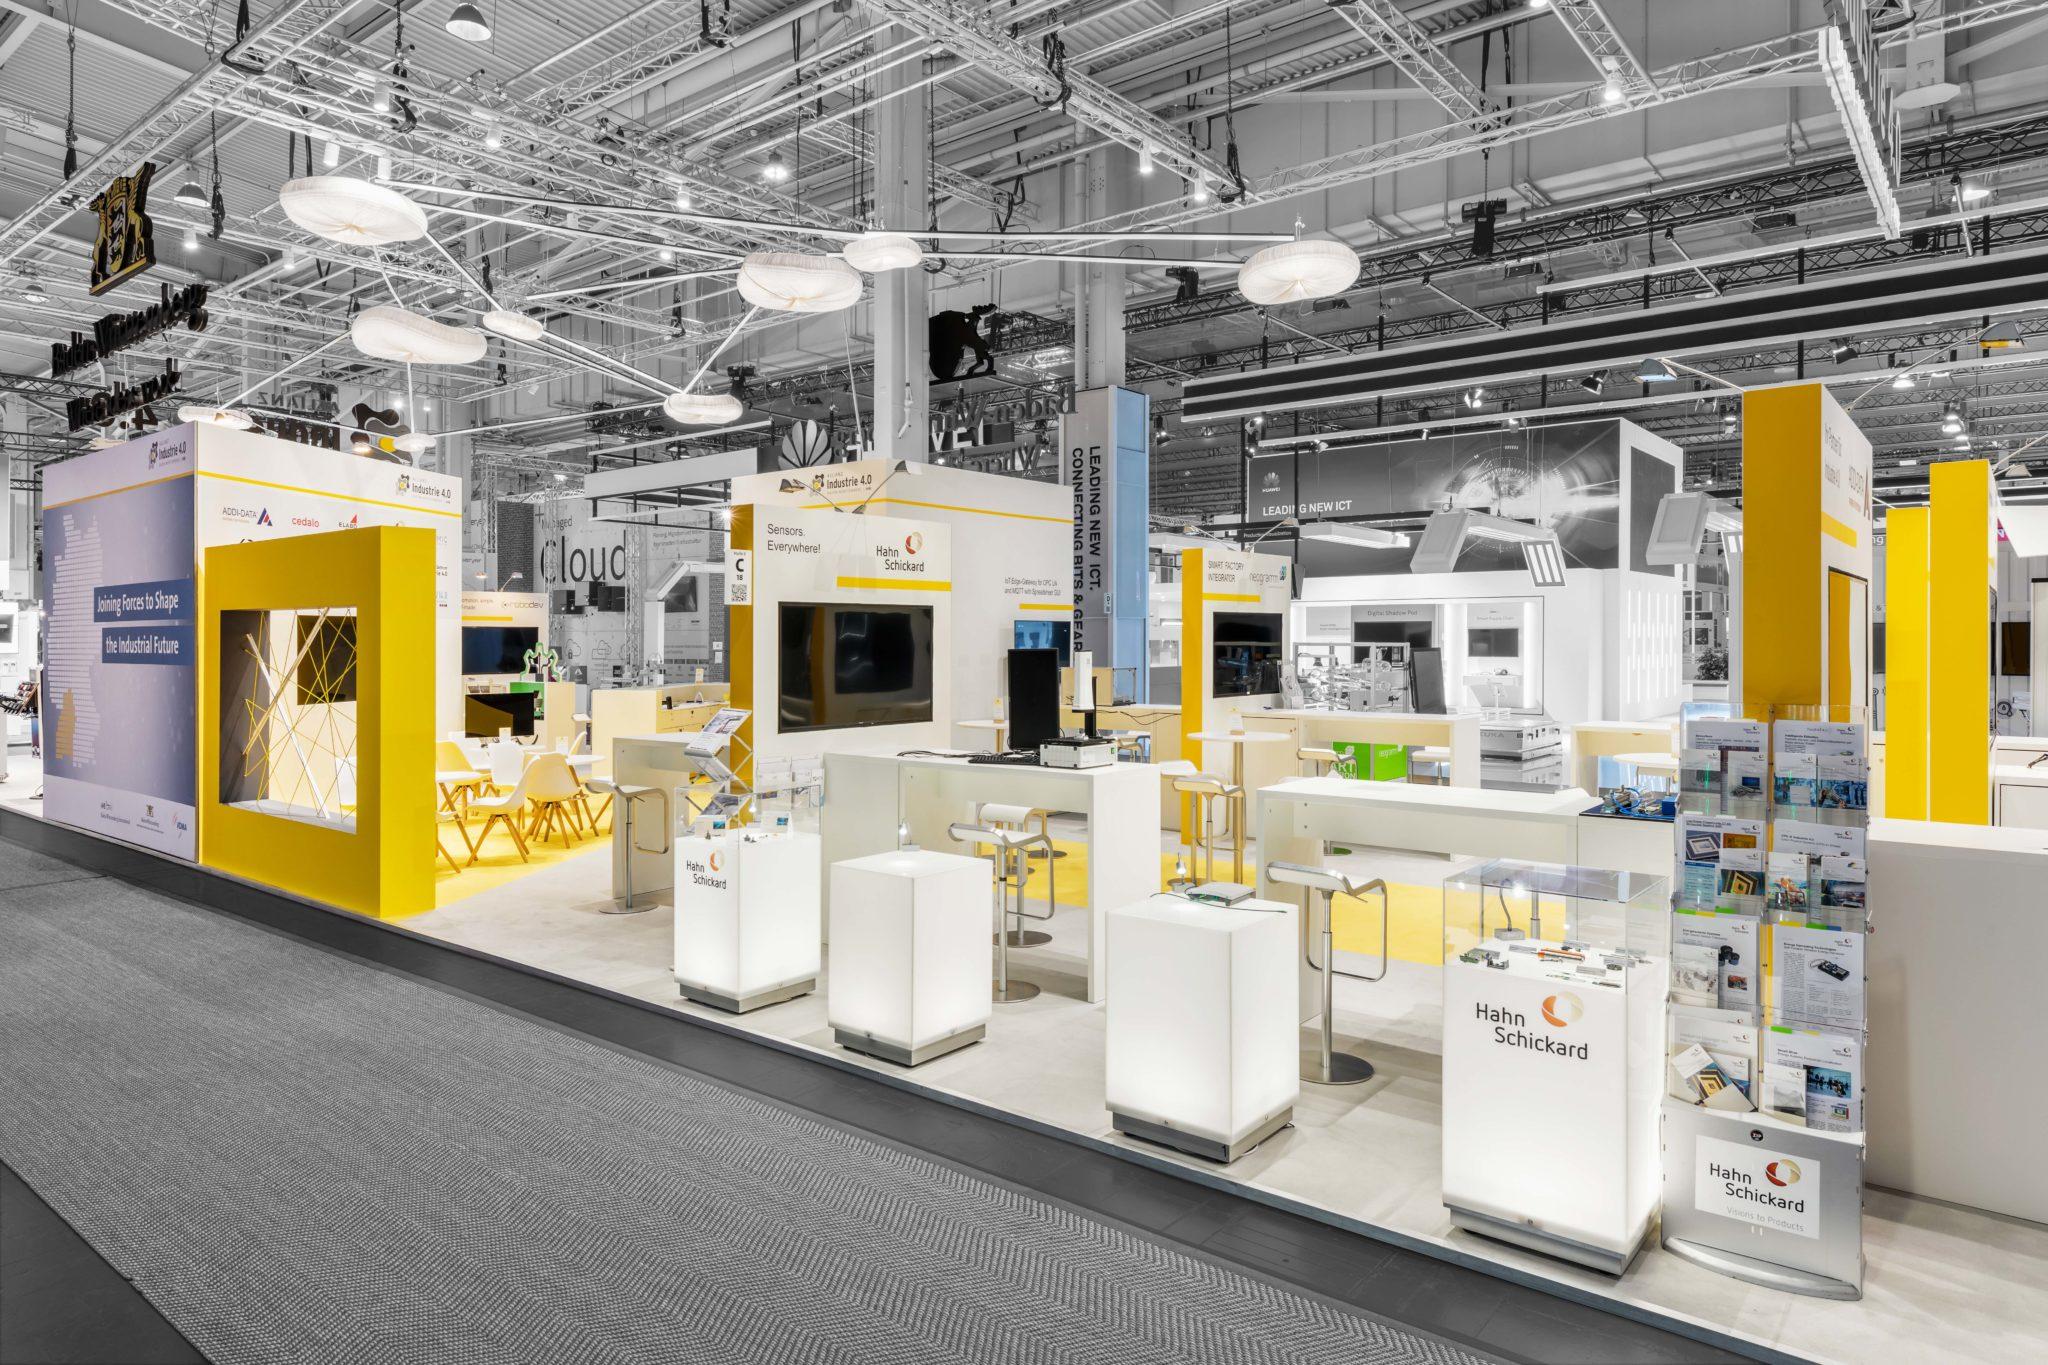 Allianz Industrie 4.0 Baden-Württemberg Messestand auf der Hannover Messe 2019